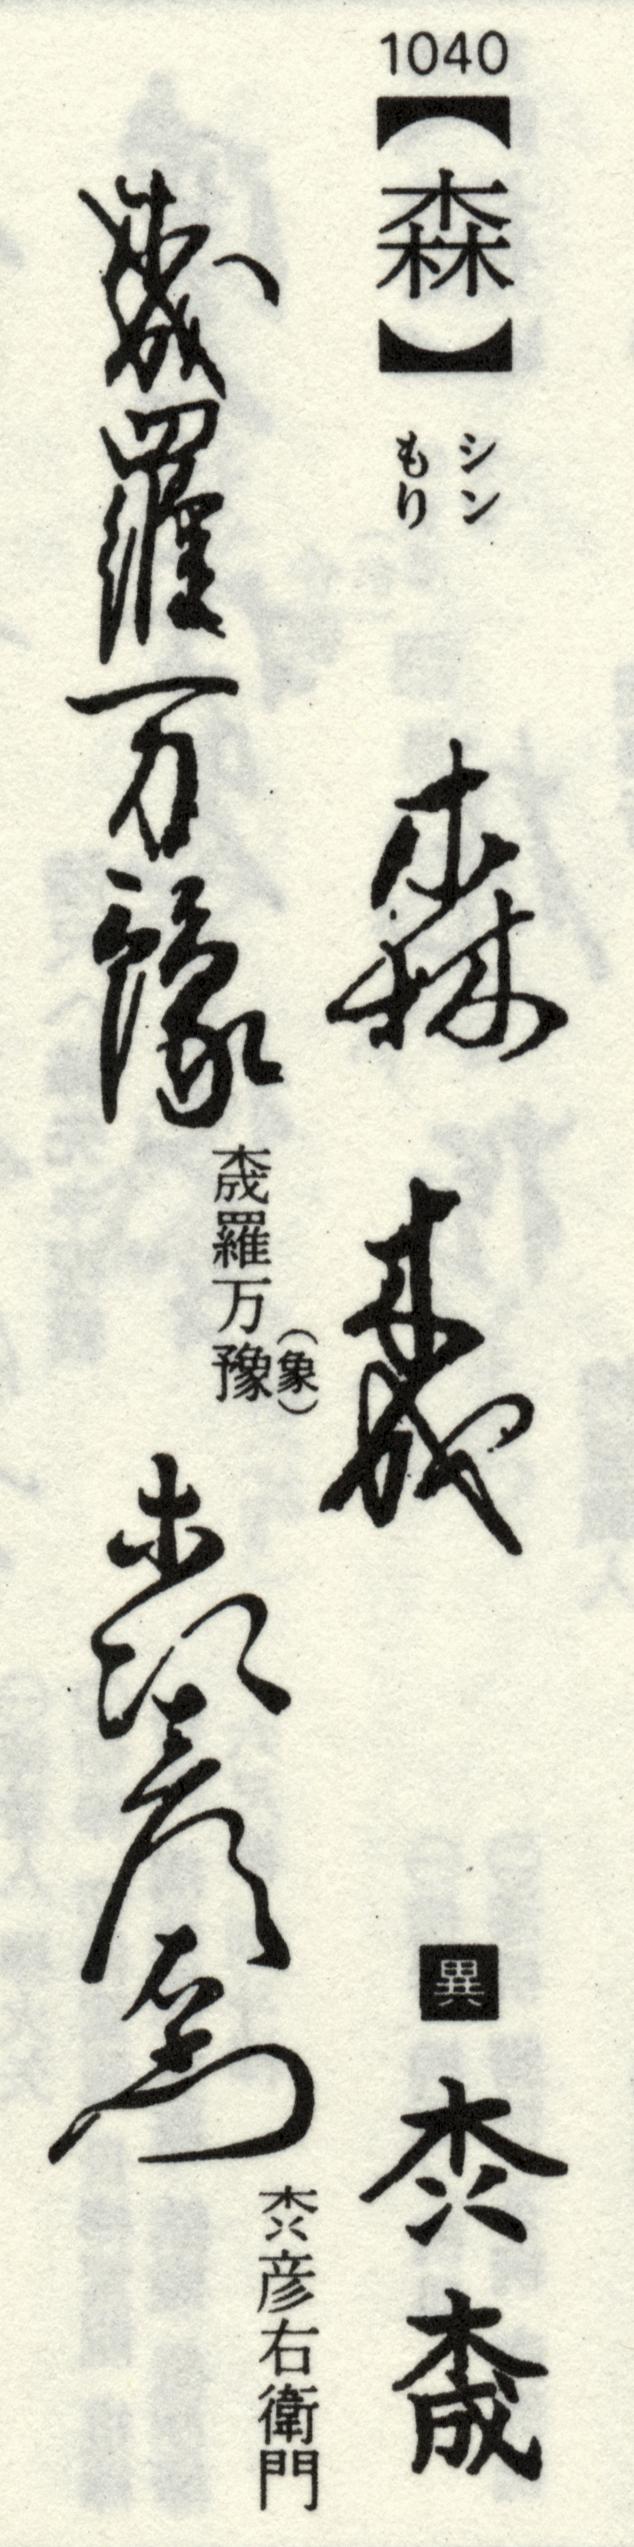 局 木 へん 漢字 に